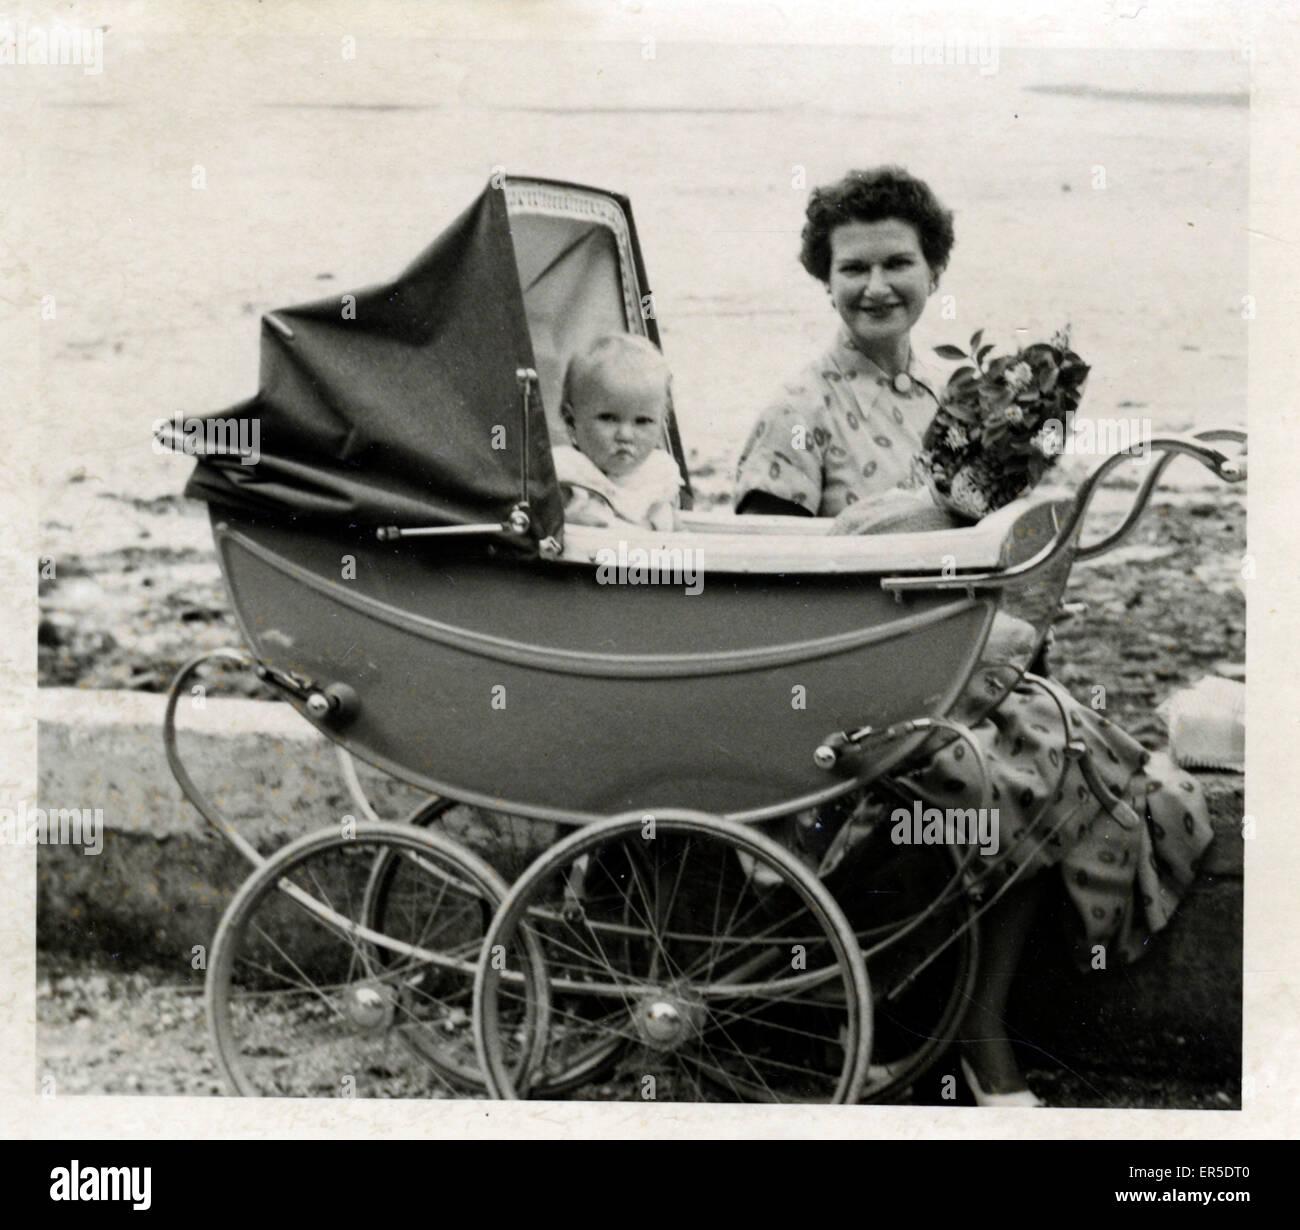 Oldtimer Kinderwagen, England. 19701 Stockbild